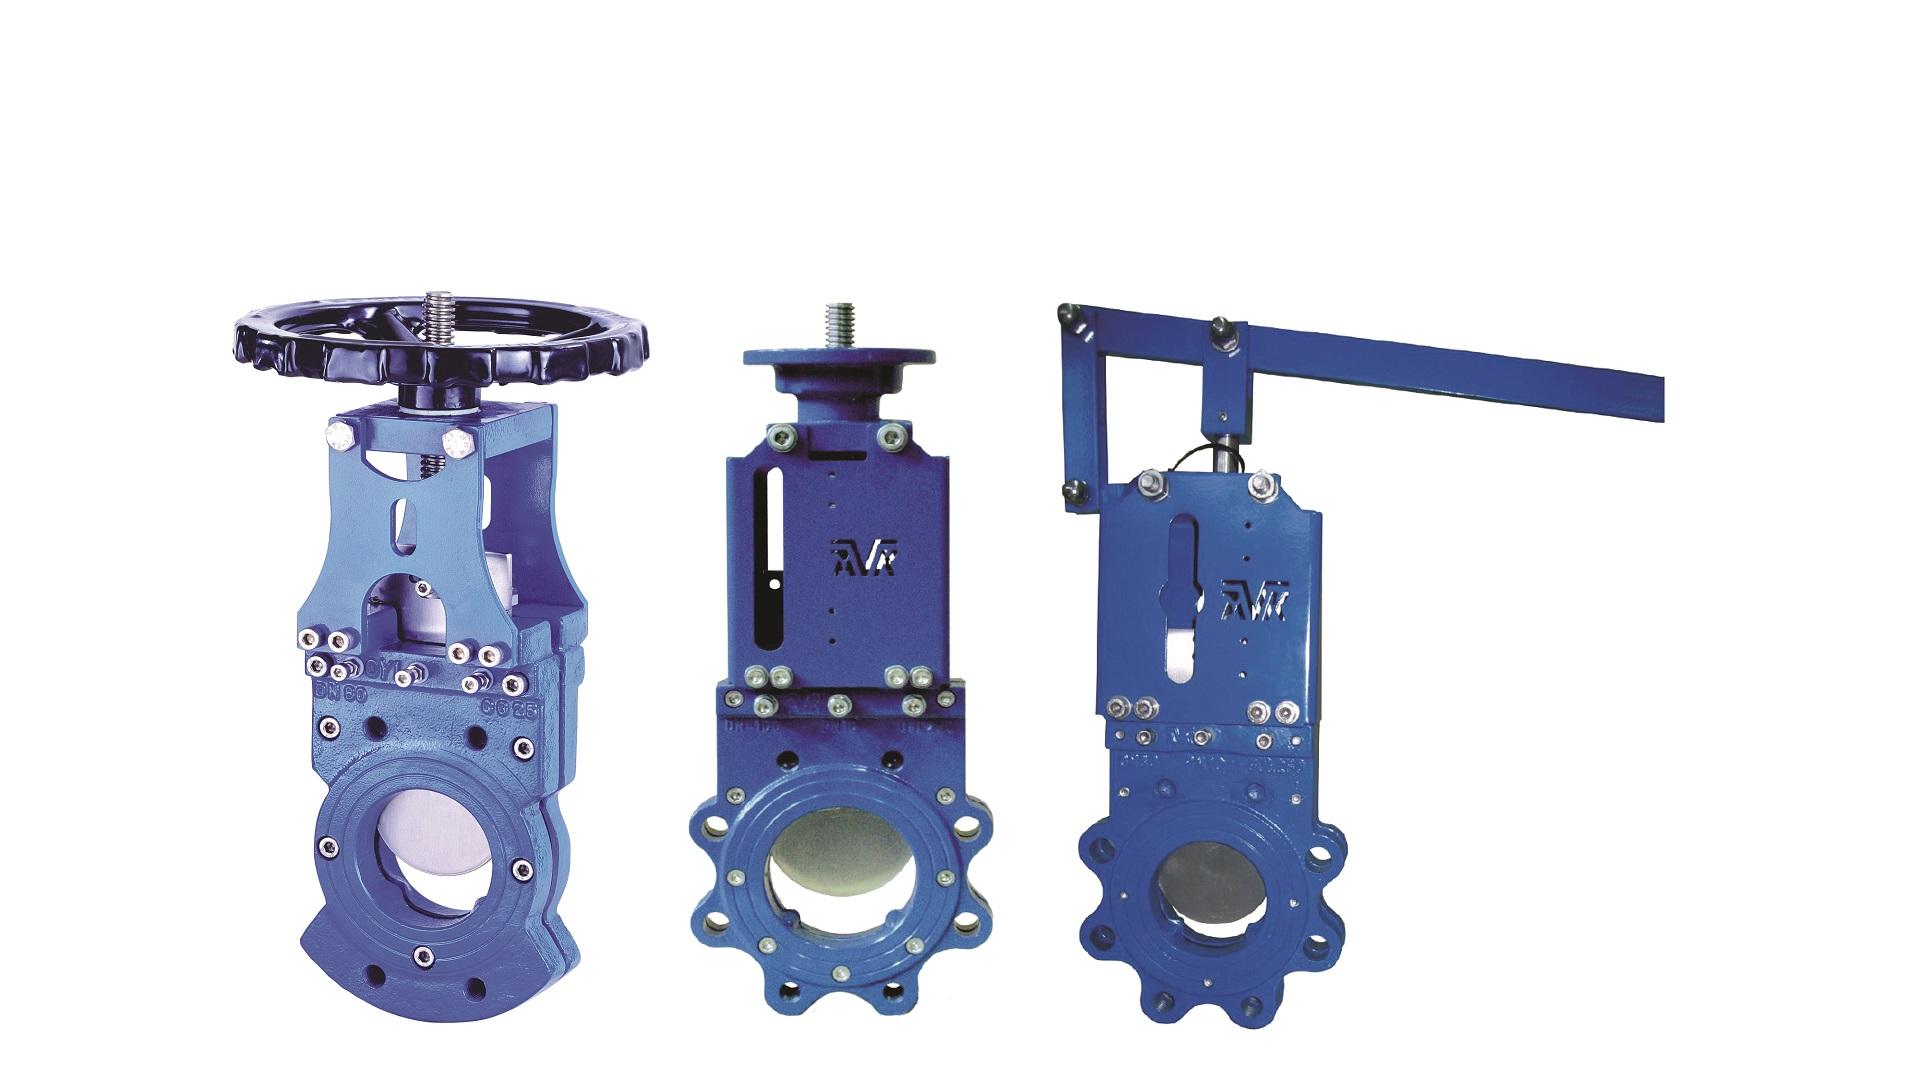 AVK knife gate valves